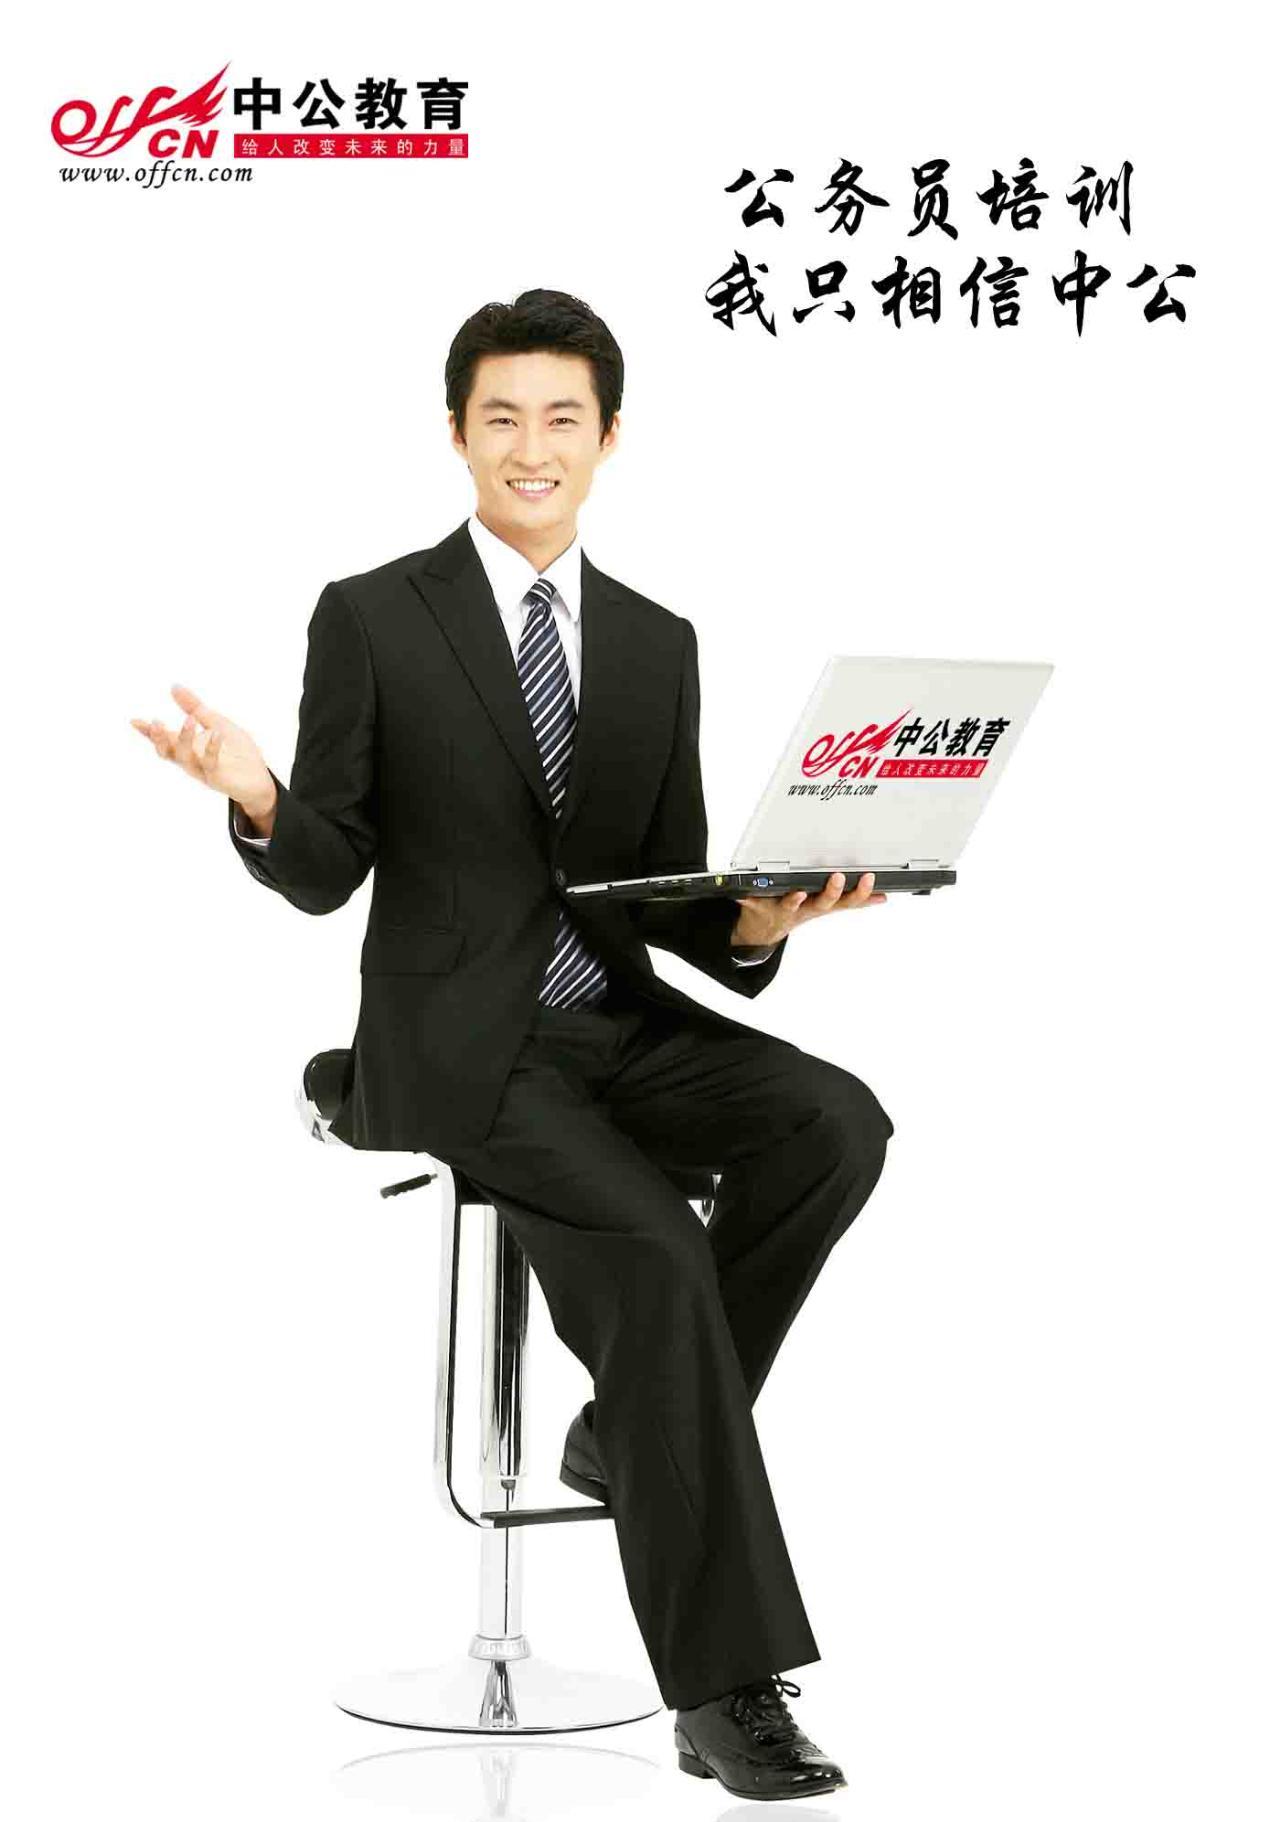 中公网校六大王牌课程98元起狂抢!